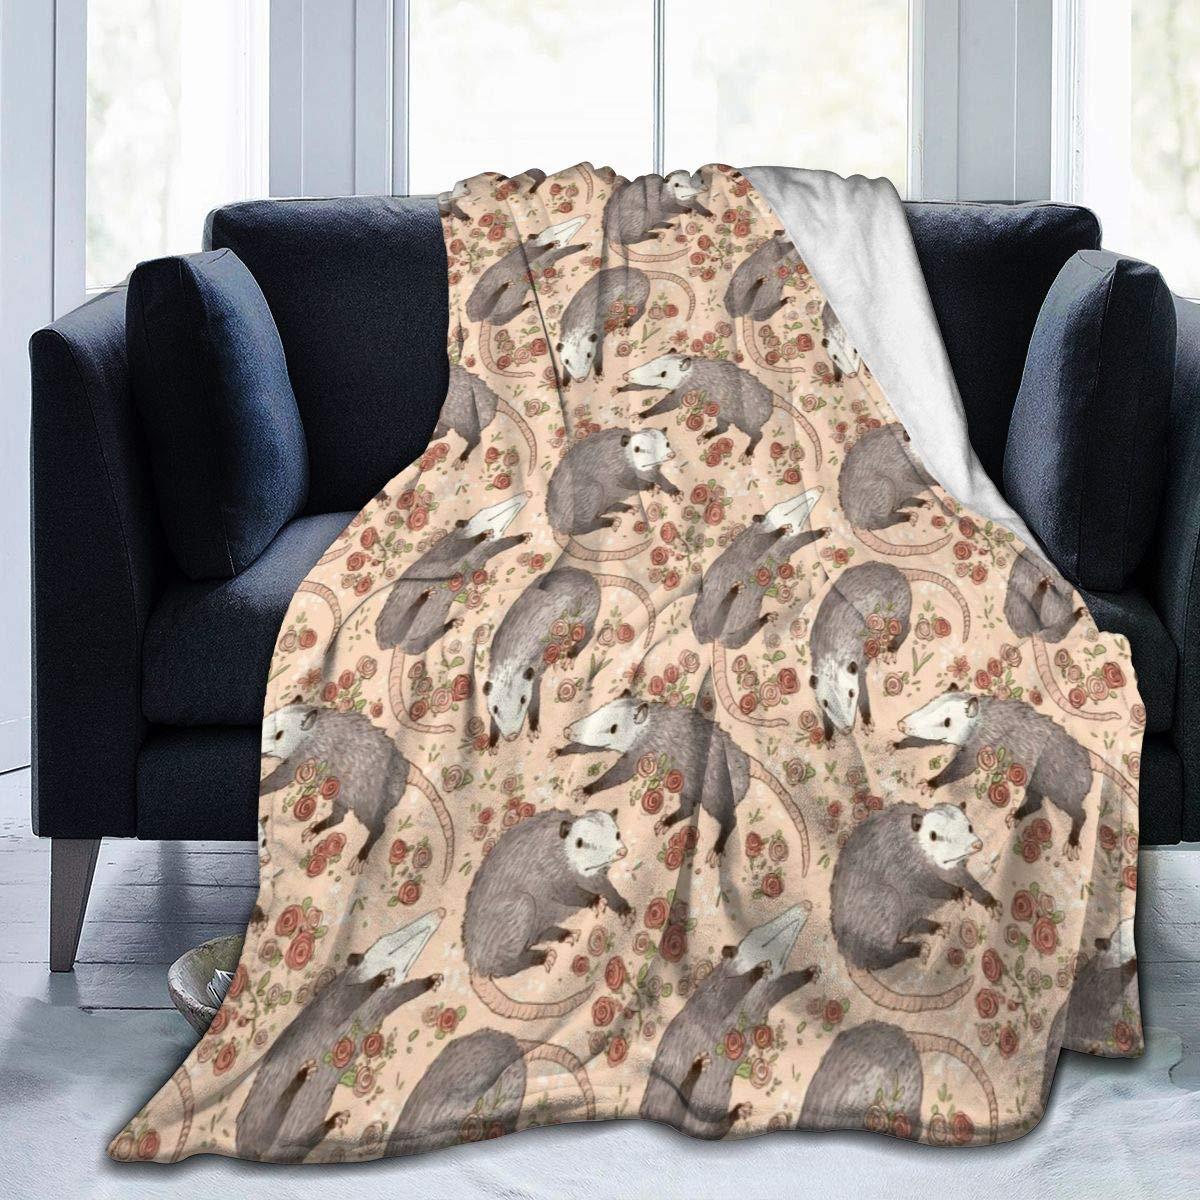 Blanket Befuddled Possums Flowers Throw Blanket Ultra Soft Velvet Blanket Lightweight Bed Blanket Quilt Durable Home Decor Fleece Blanket Sofa Blanket Luxurious Carpet for Men Women Kids